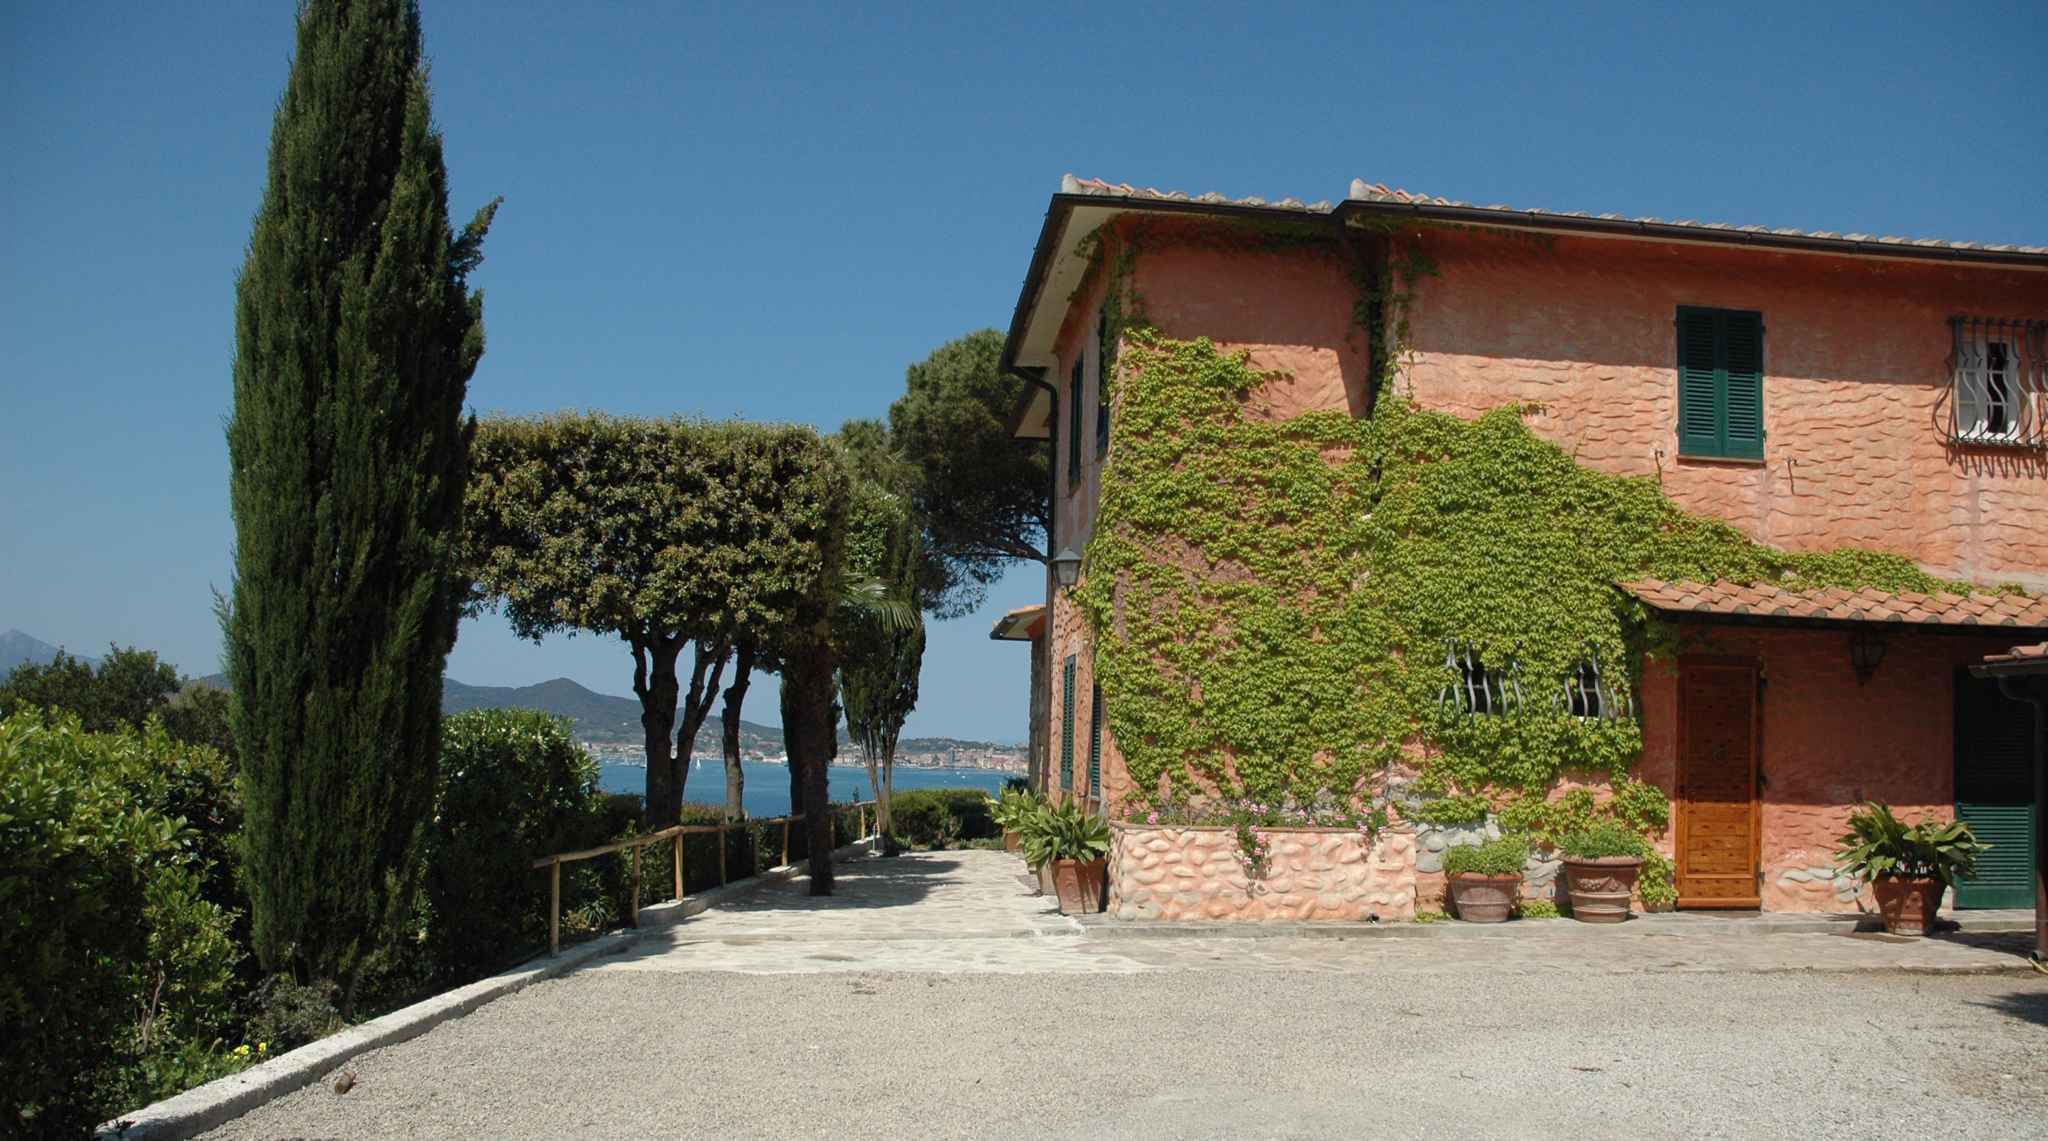 Ferienhaus Villa mit Whirlpool und Grillmöglichkeit (760810), Portoferraio, Elba, Toskana, Italien, Bild 2